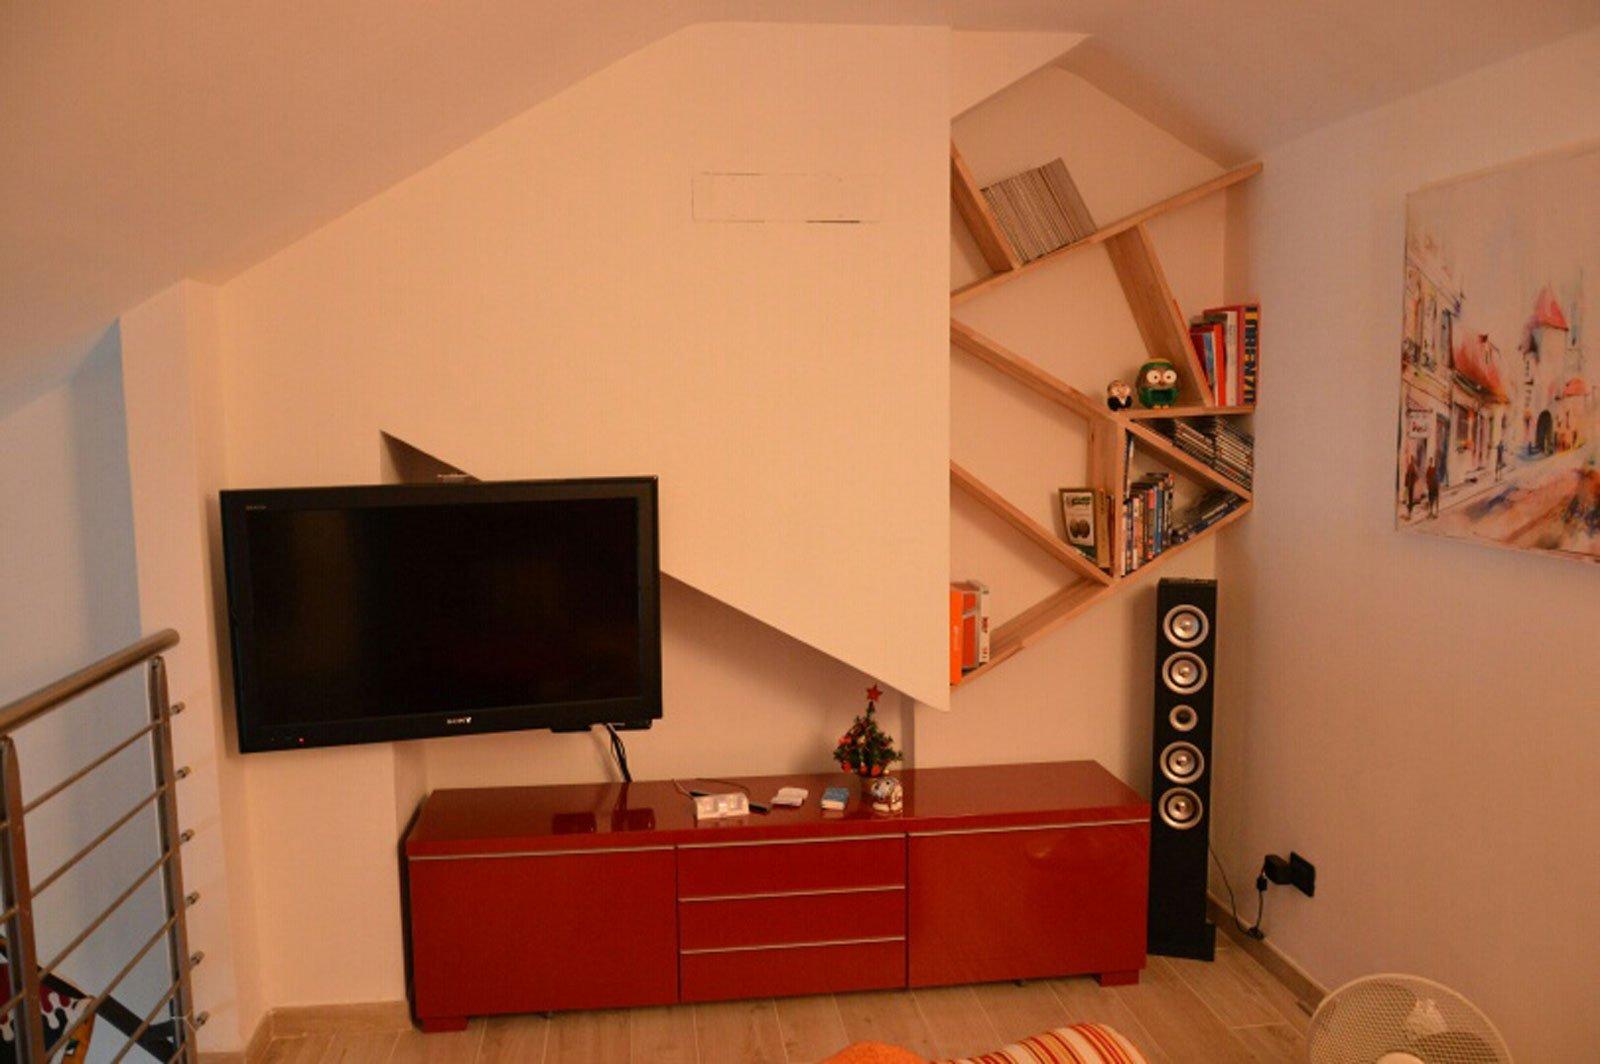 mensole con legno vecchio: legno di recupero ~ duylinh for ... - Mensole Con Legno Vecchio